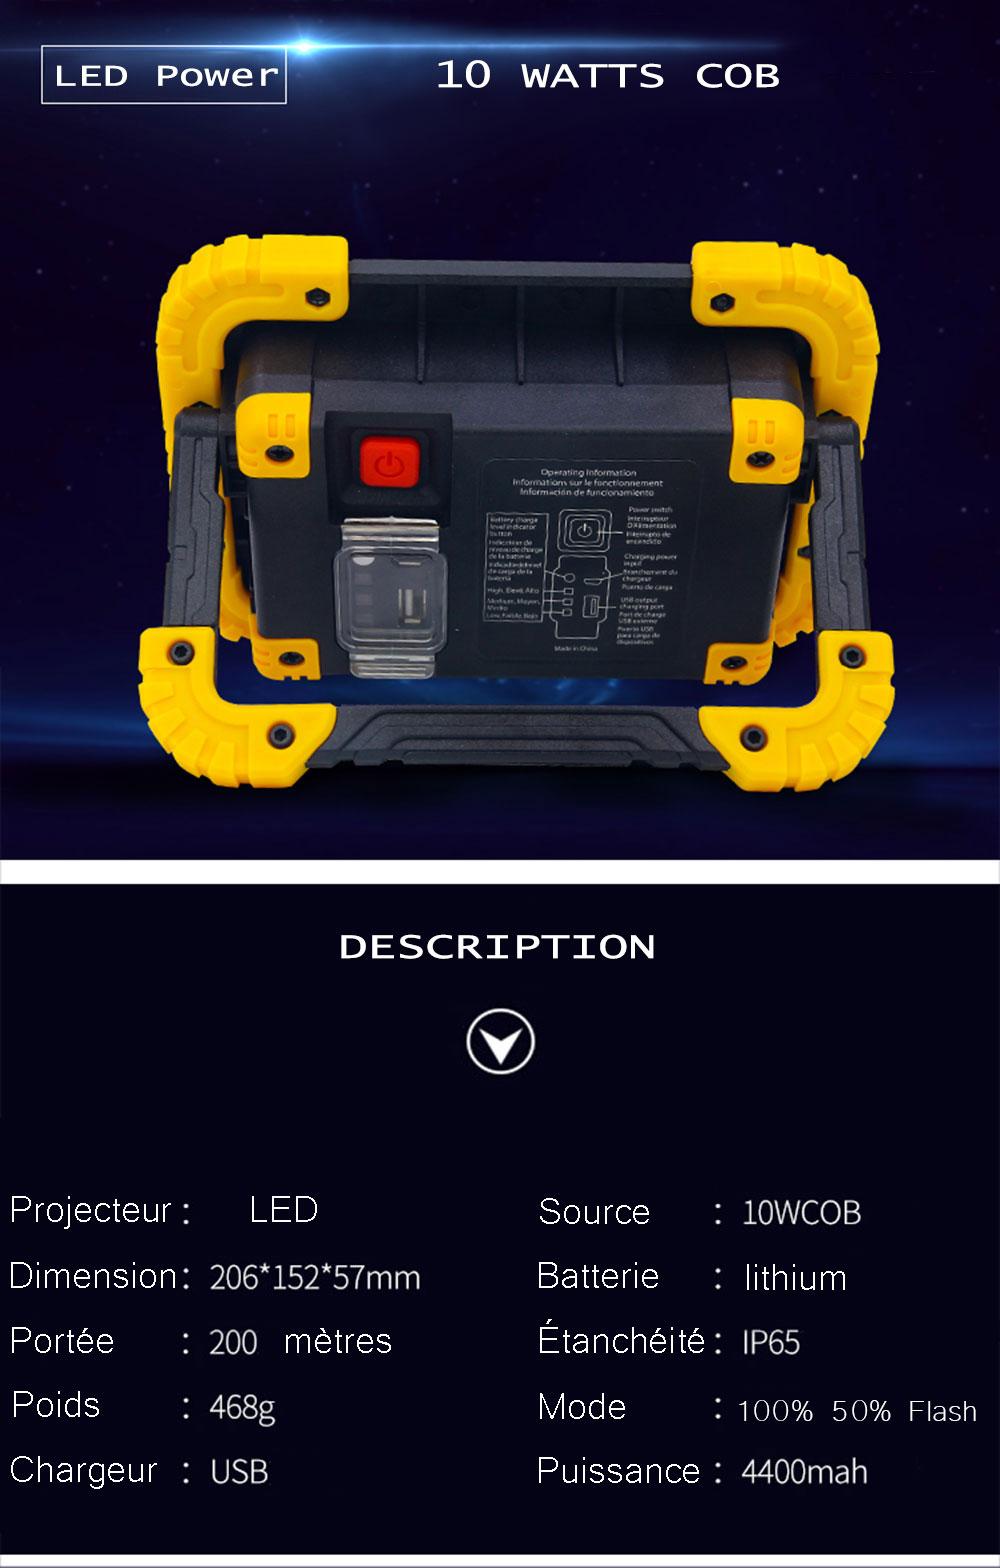 Projecteur LED sur batterie lithium 10 watts COB